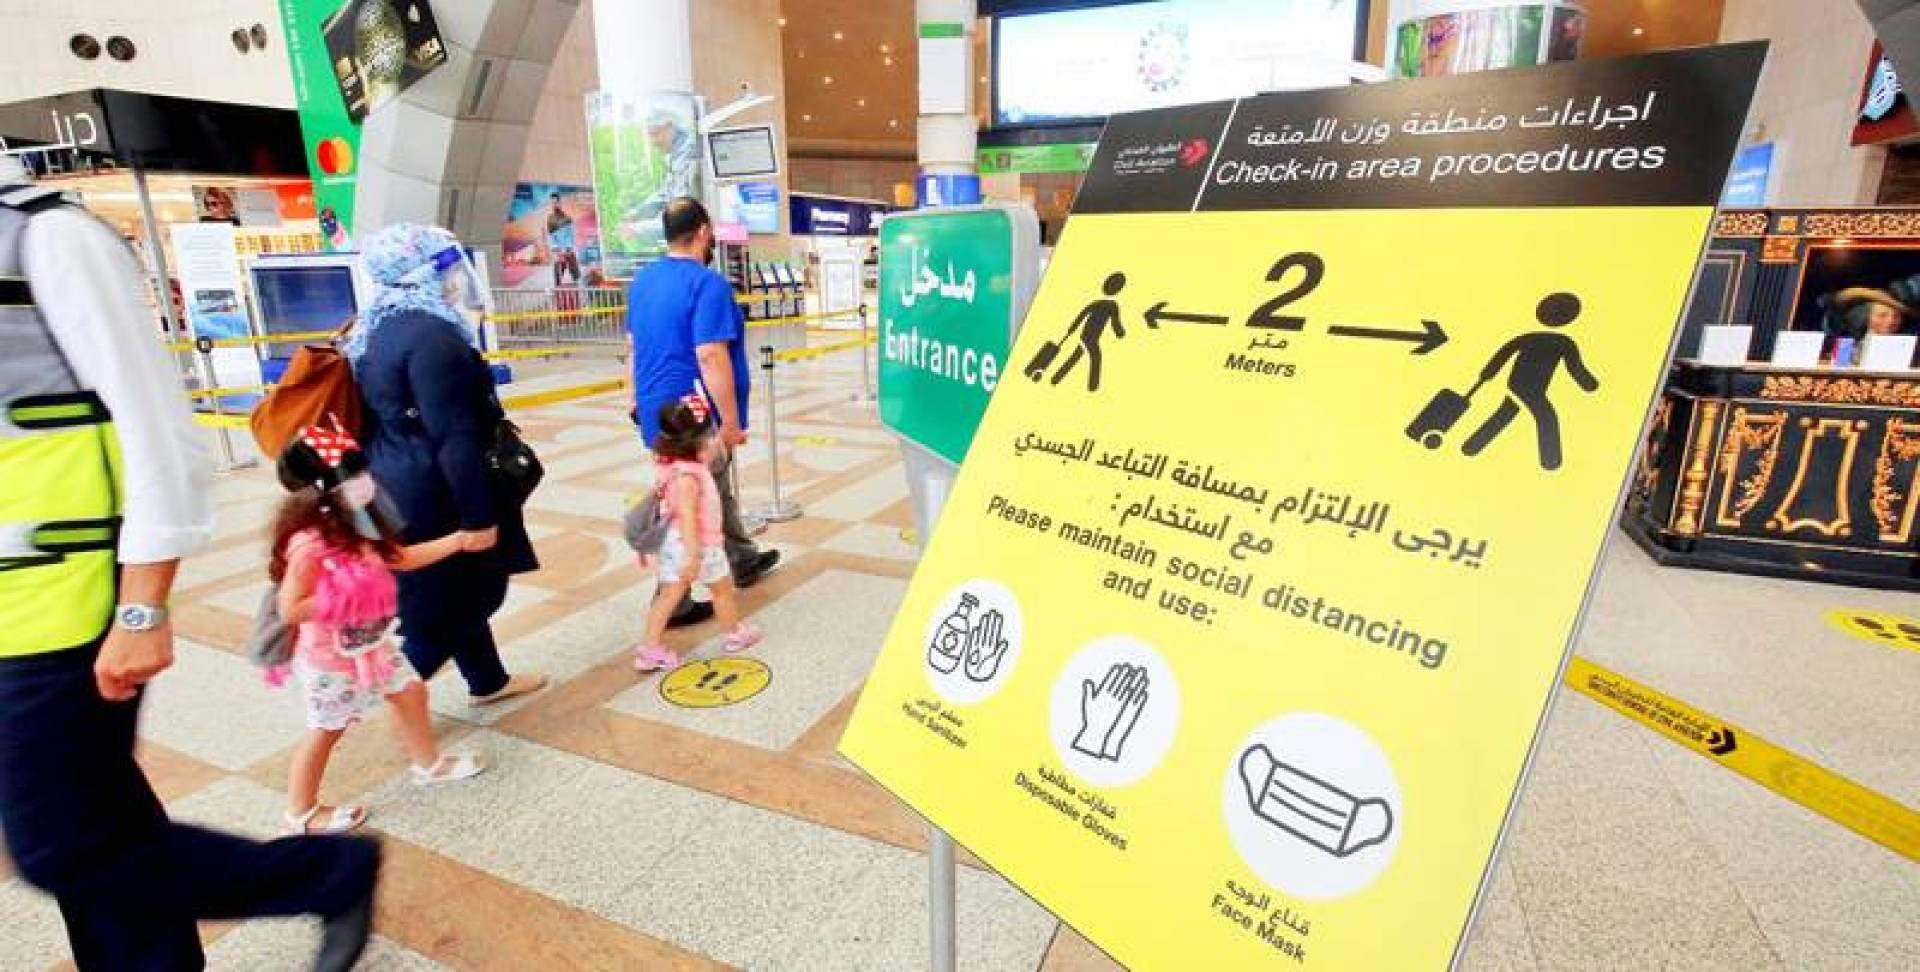 إجراءات السفر تخضع لضوابط صحية مشددة (تصوير: بسام زيدان)